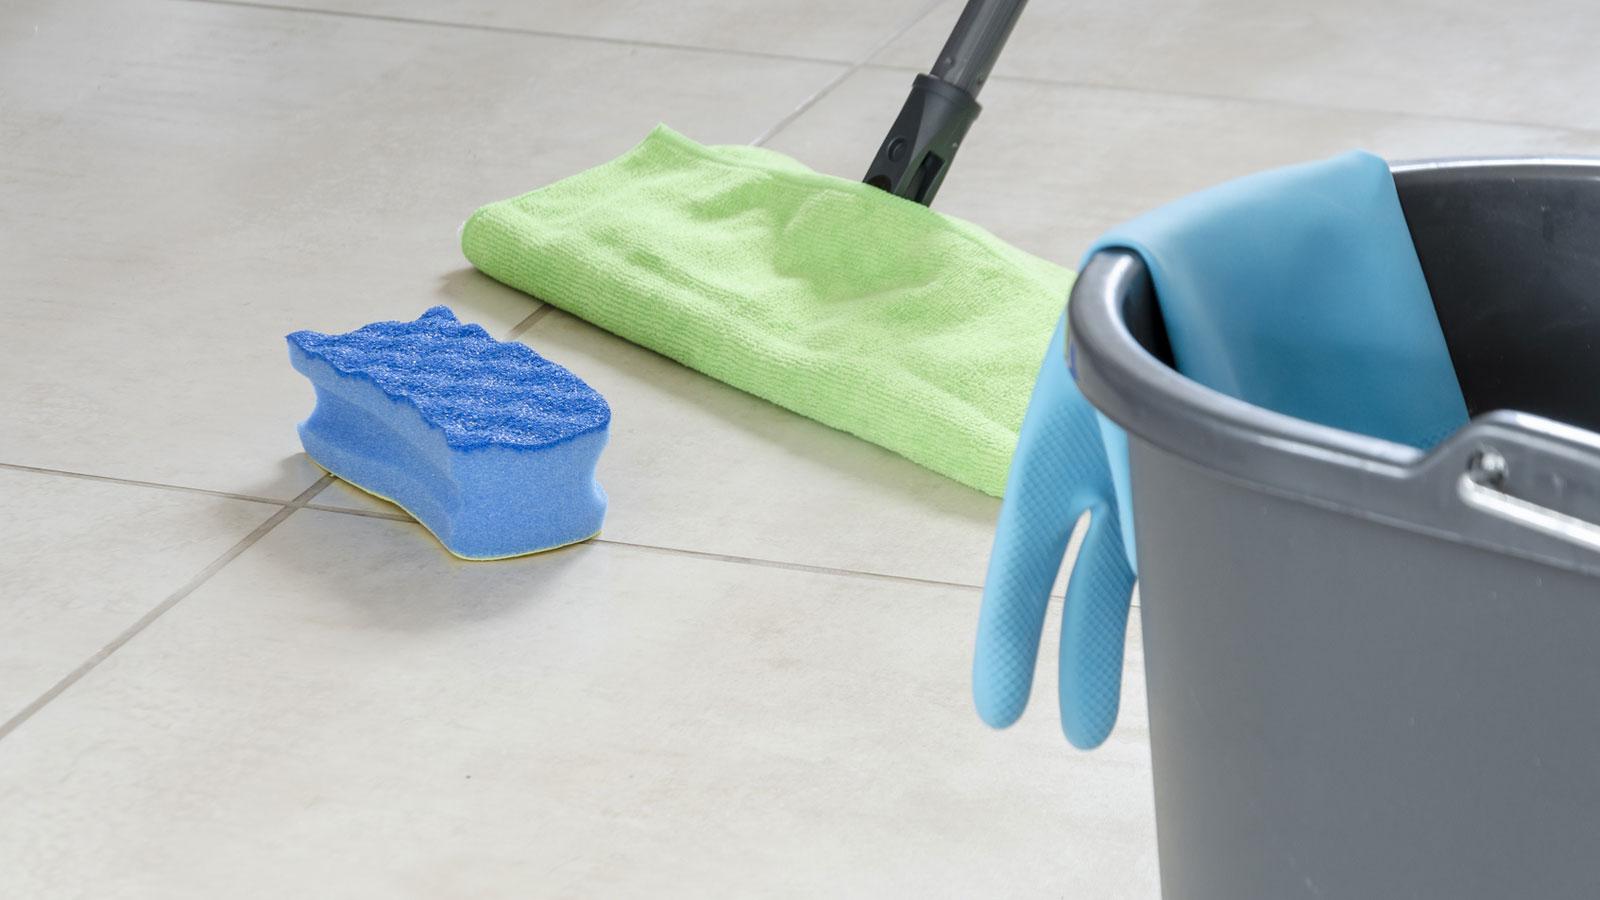 Fliesenfugen reinigen: Schönheitskur für Bad und Küche | UPDATED